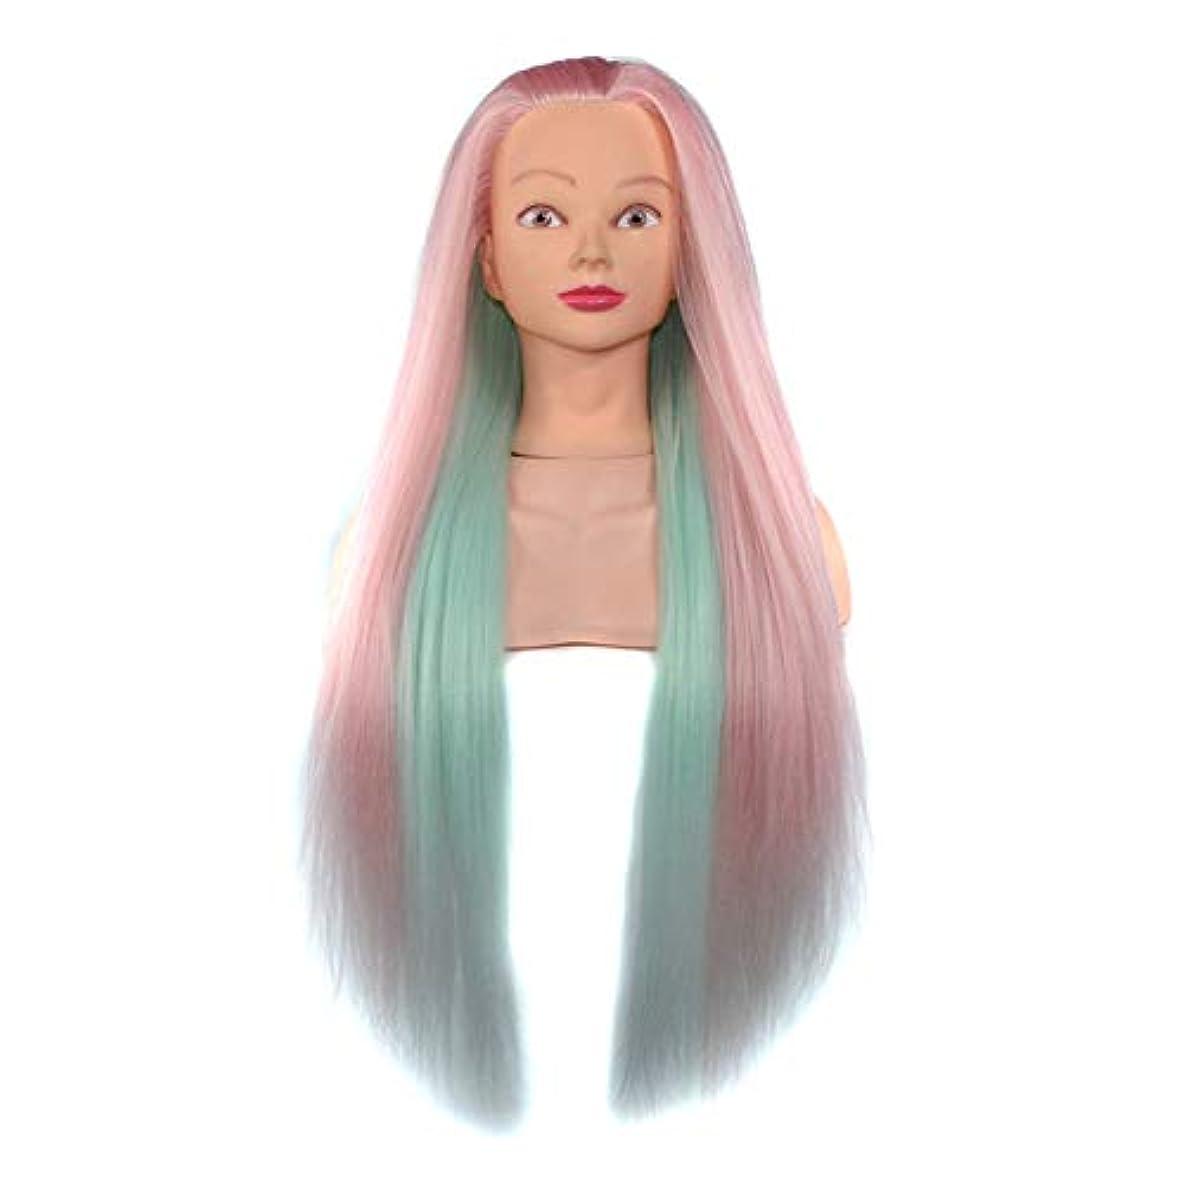 服を洗うロケーション備品ヘアスタイリング練習ディスクヘア学習ヘッドモデル美容院高温ワイヤートレーニングヘッドマネキン人形ヘッド